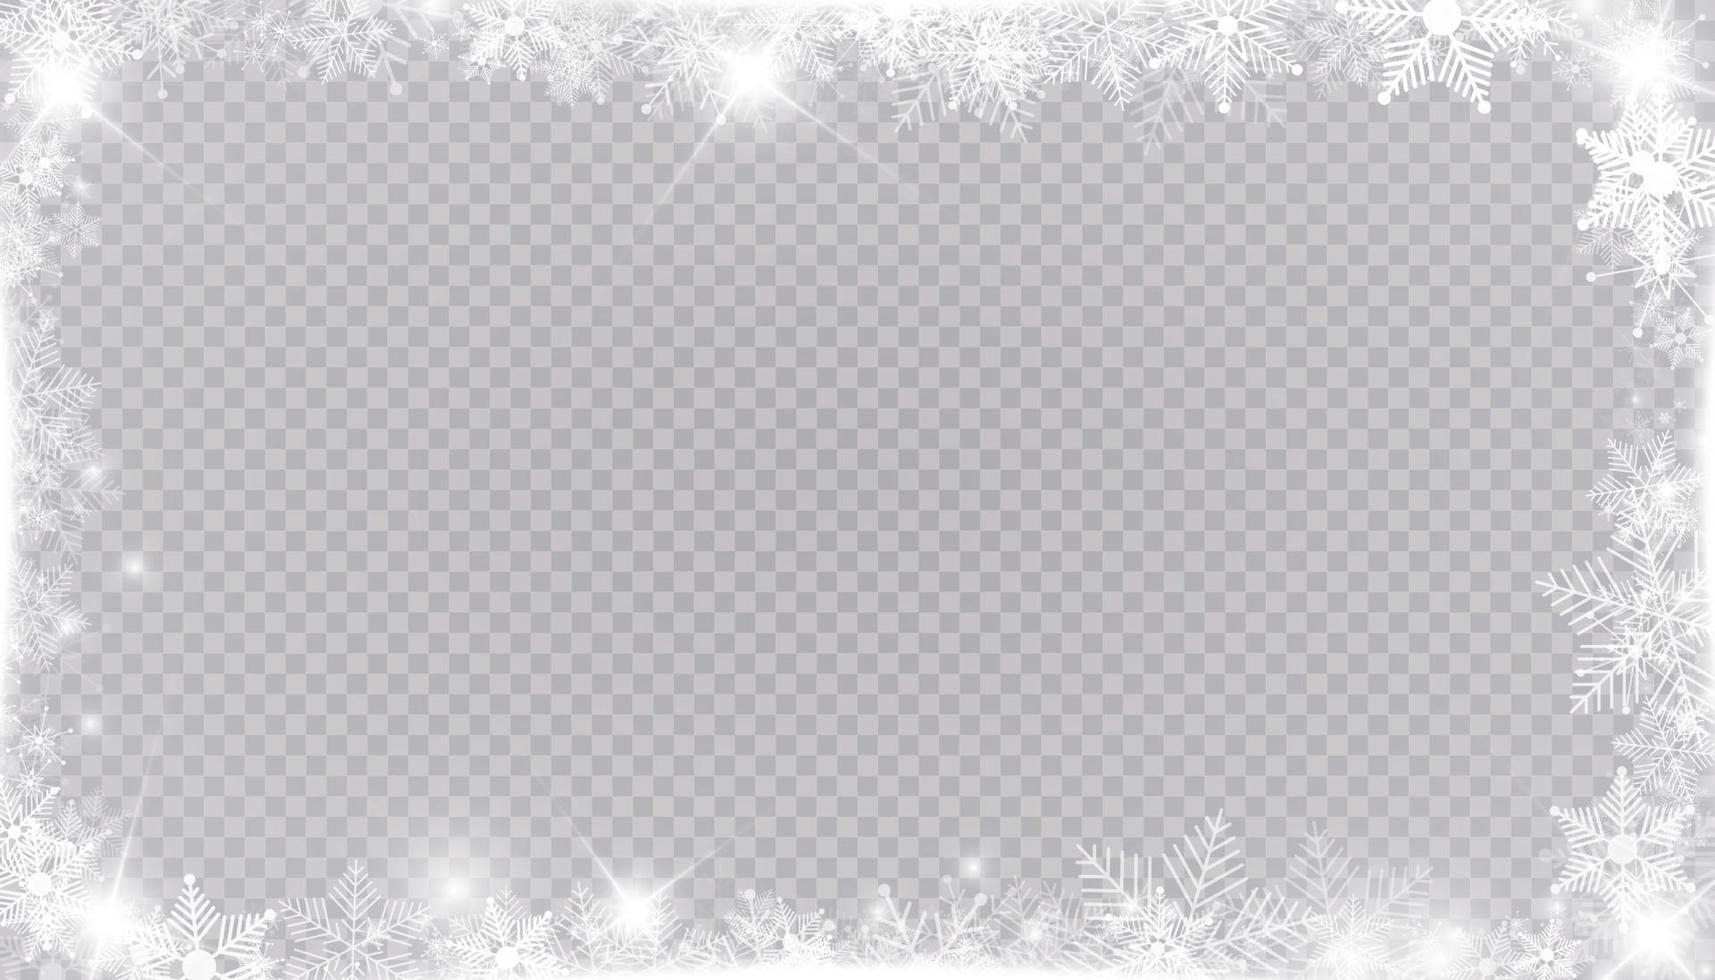 rektangulär vintersnö ram kant med stjärnor, gnistrar och snöflingor. festlig jul banner, nyår gratulationskort, vykort eller inbjudan vektor